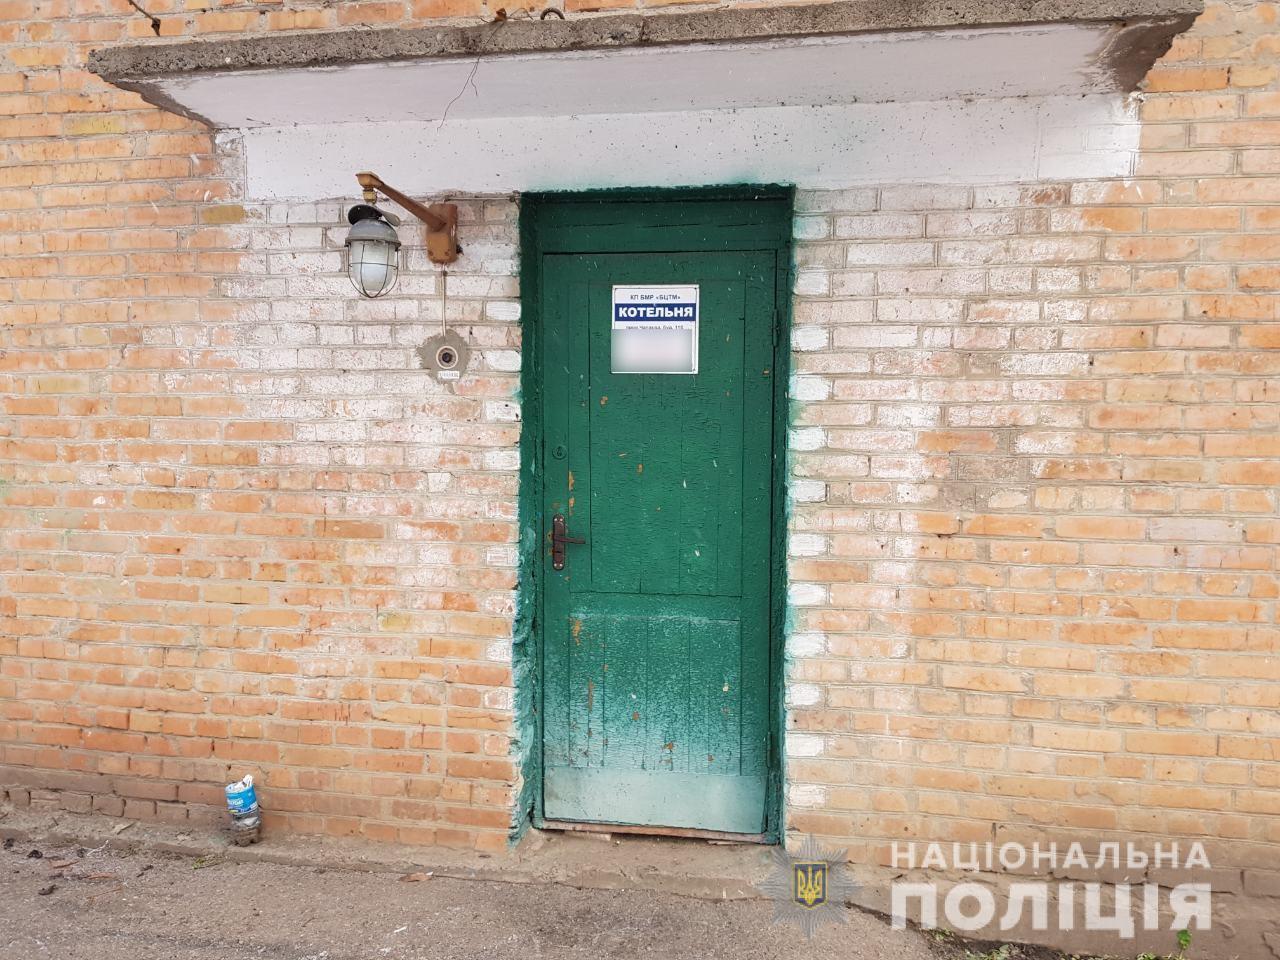 В Белой Церкви под Киевом мужчина запер свою сожительницу в котельной и удерживал ее там силой